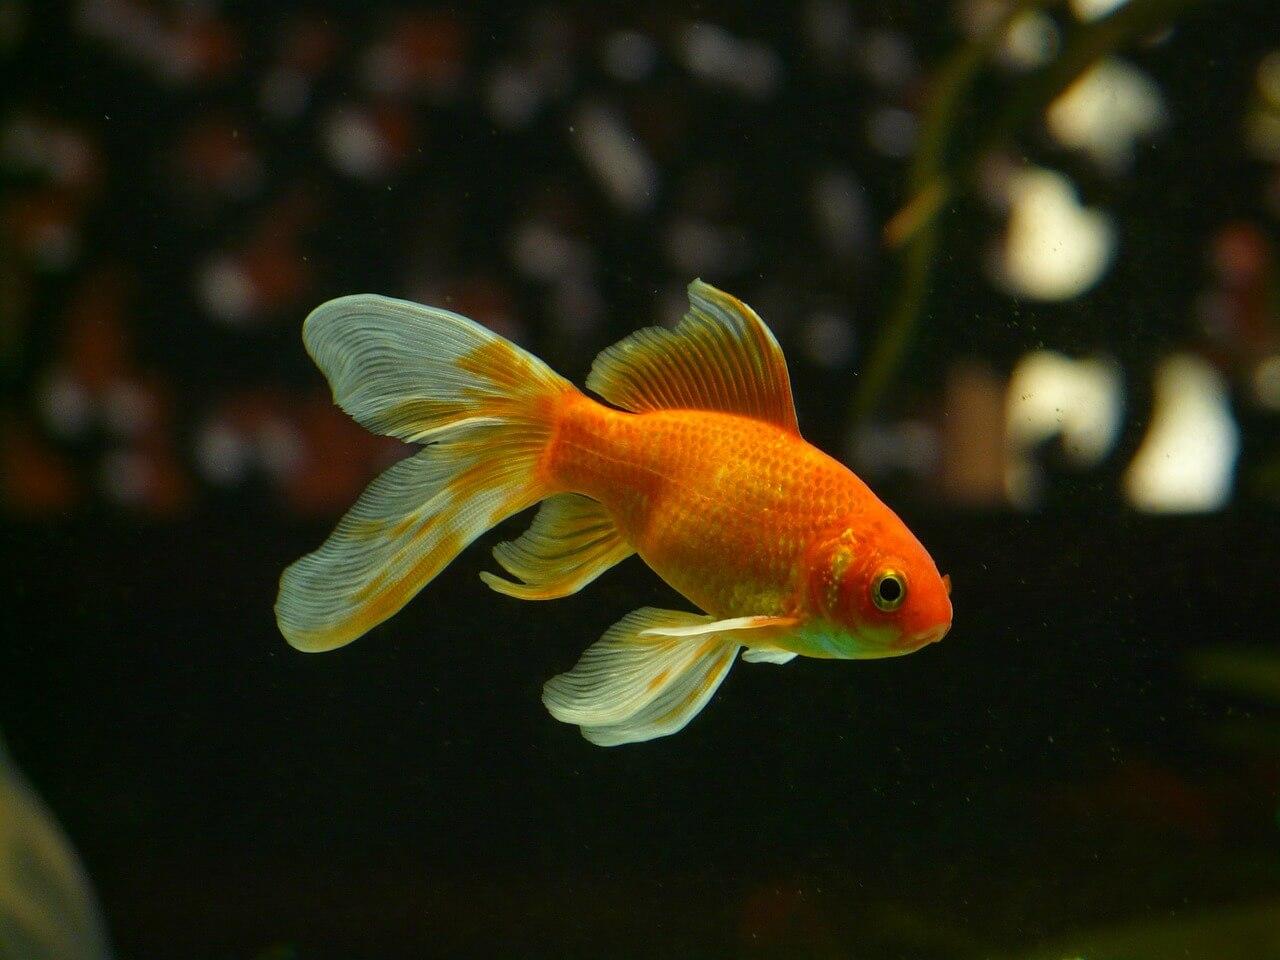 Krankheiten im Aquarium erkennen, behandeln und vermeiden – 10 Tipps